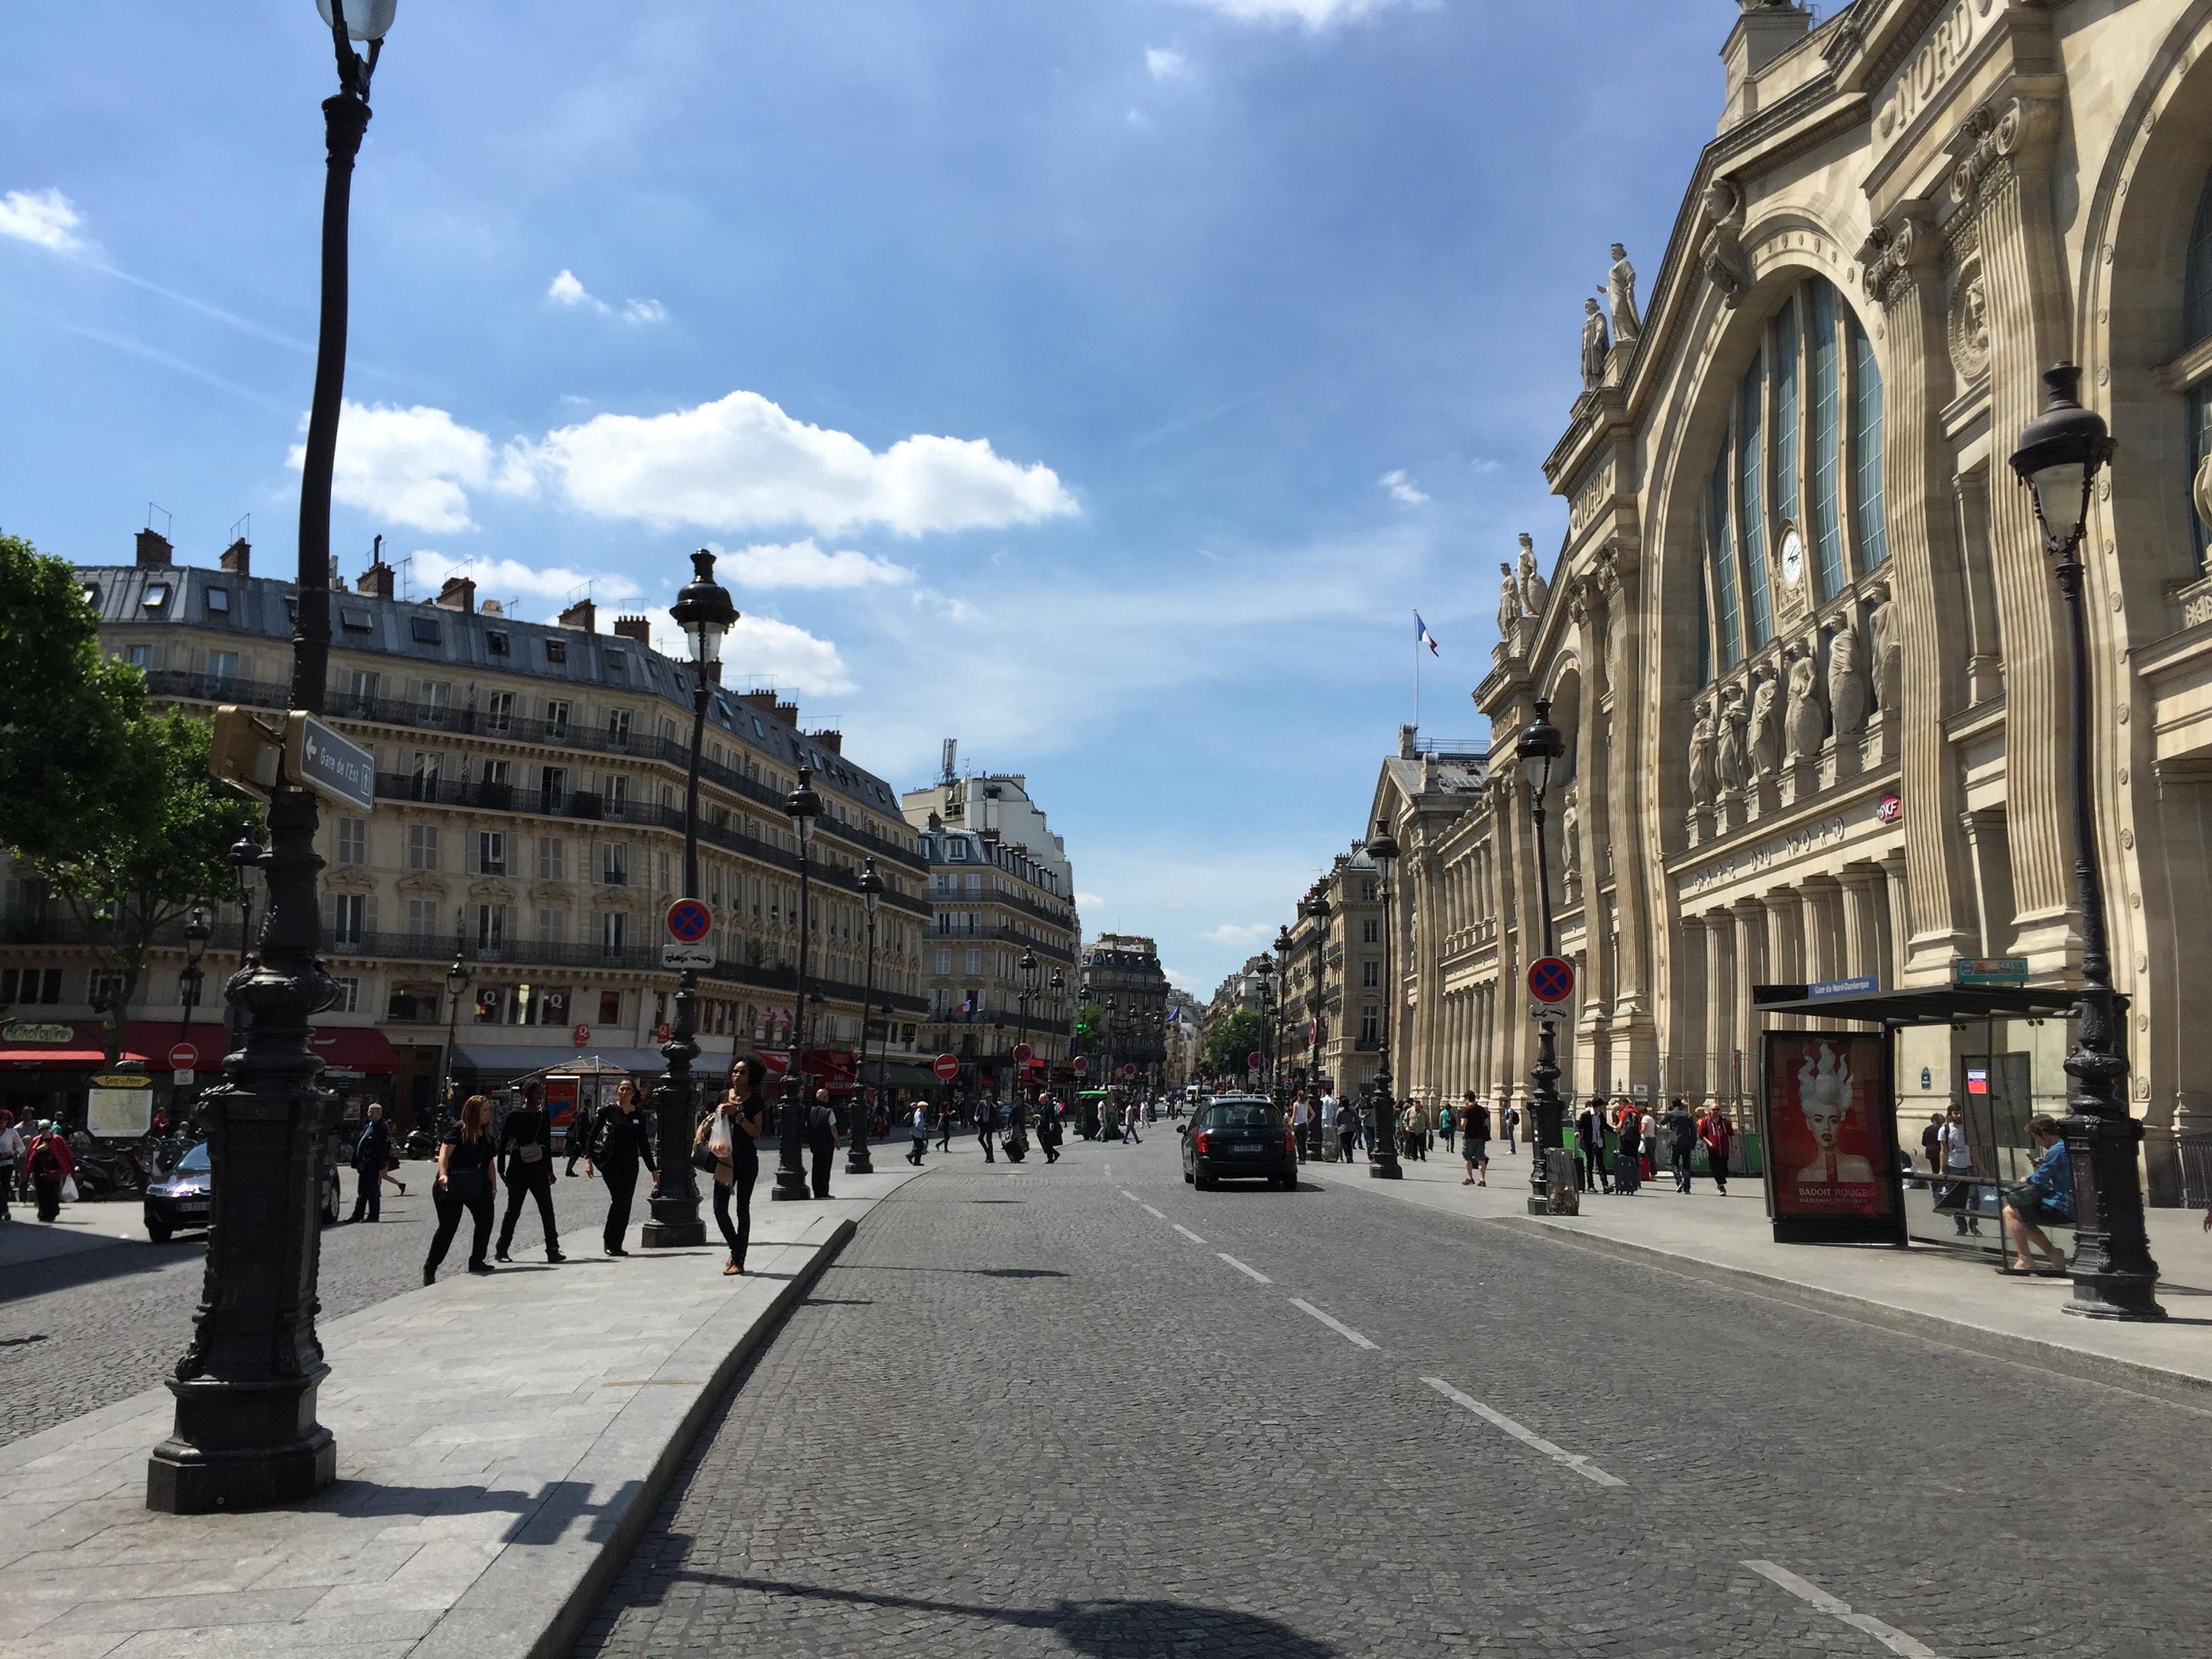 Bbw walking in the street (france)